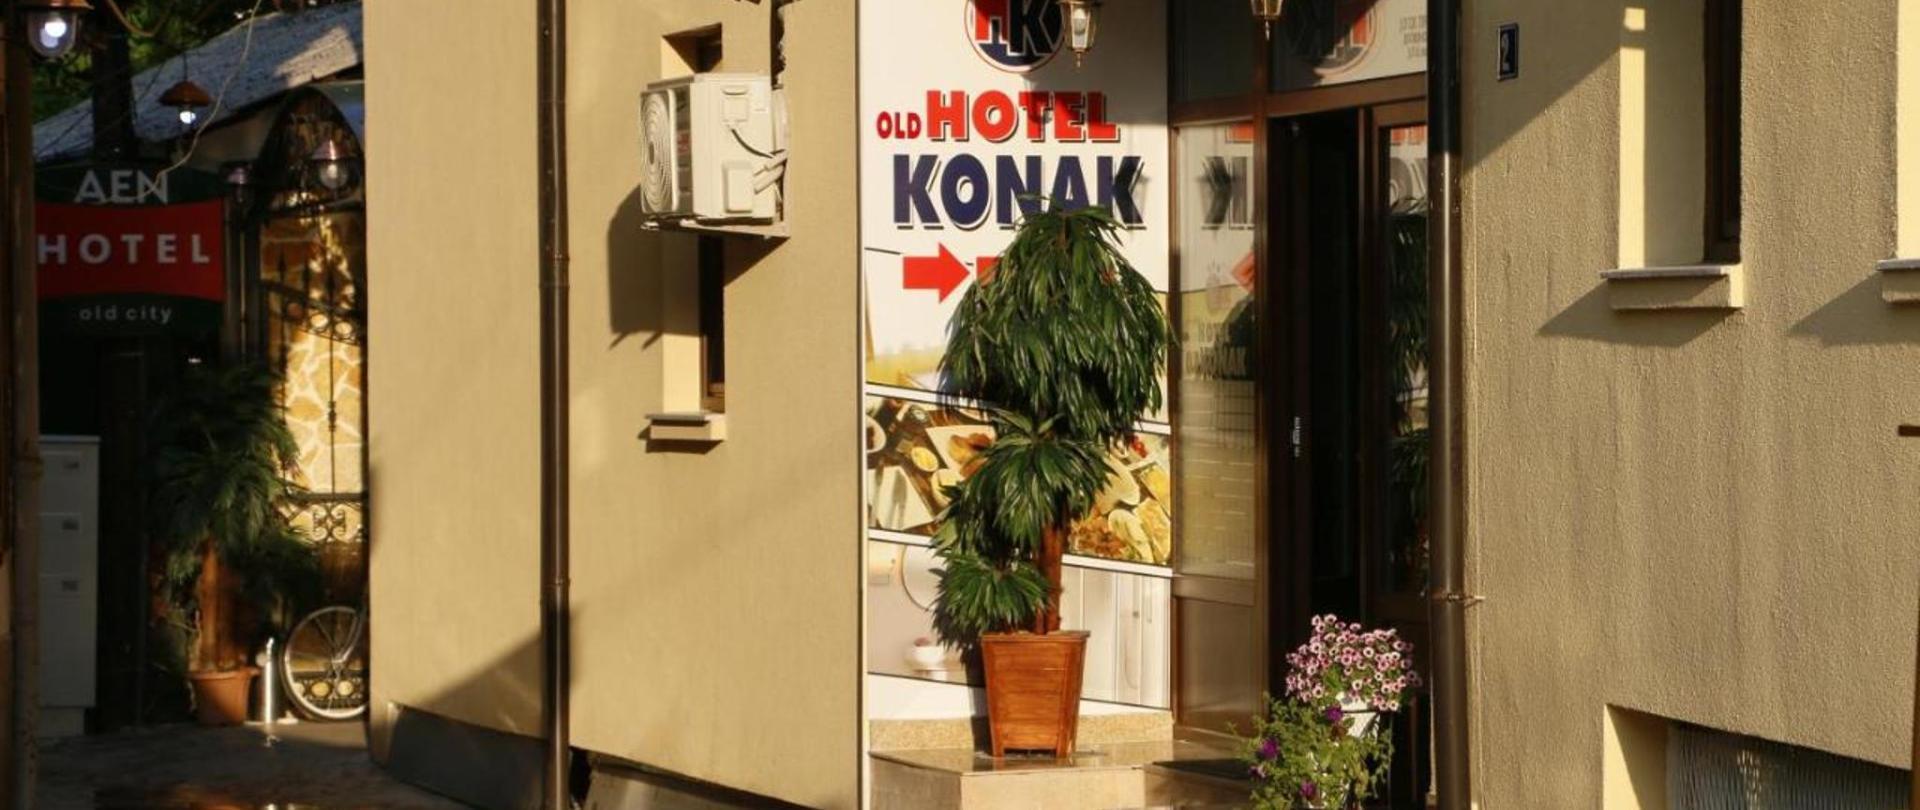 โรงแรมเก่า Konak